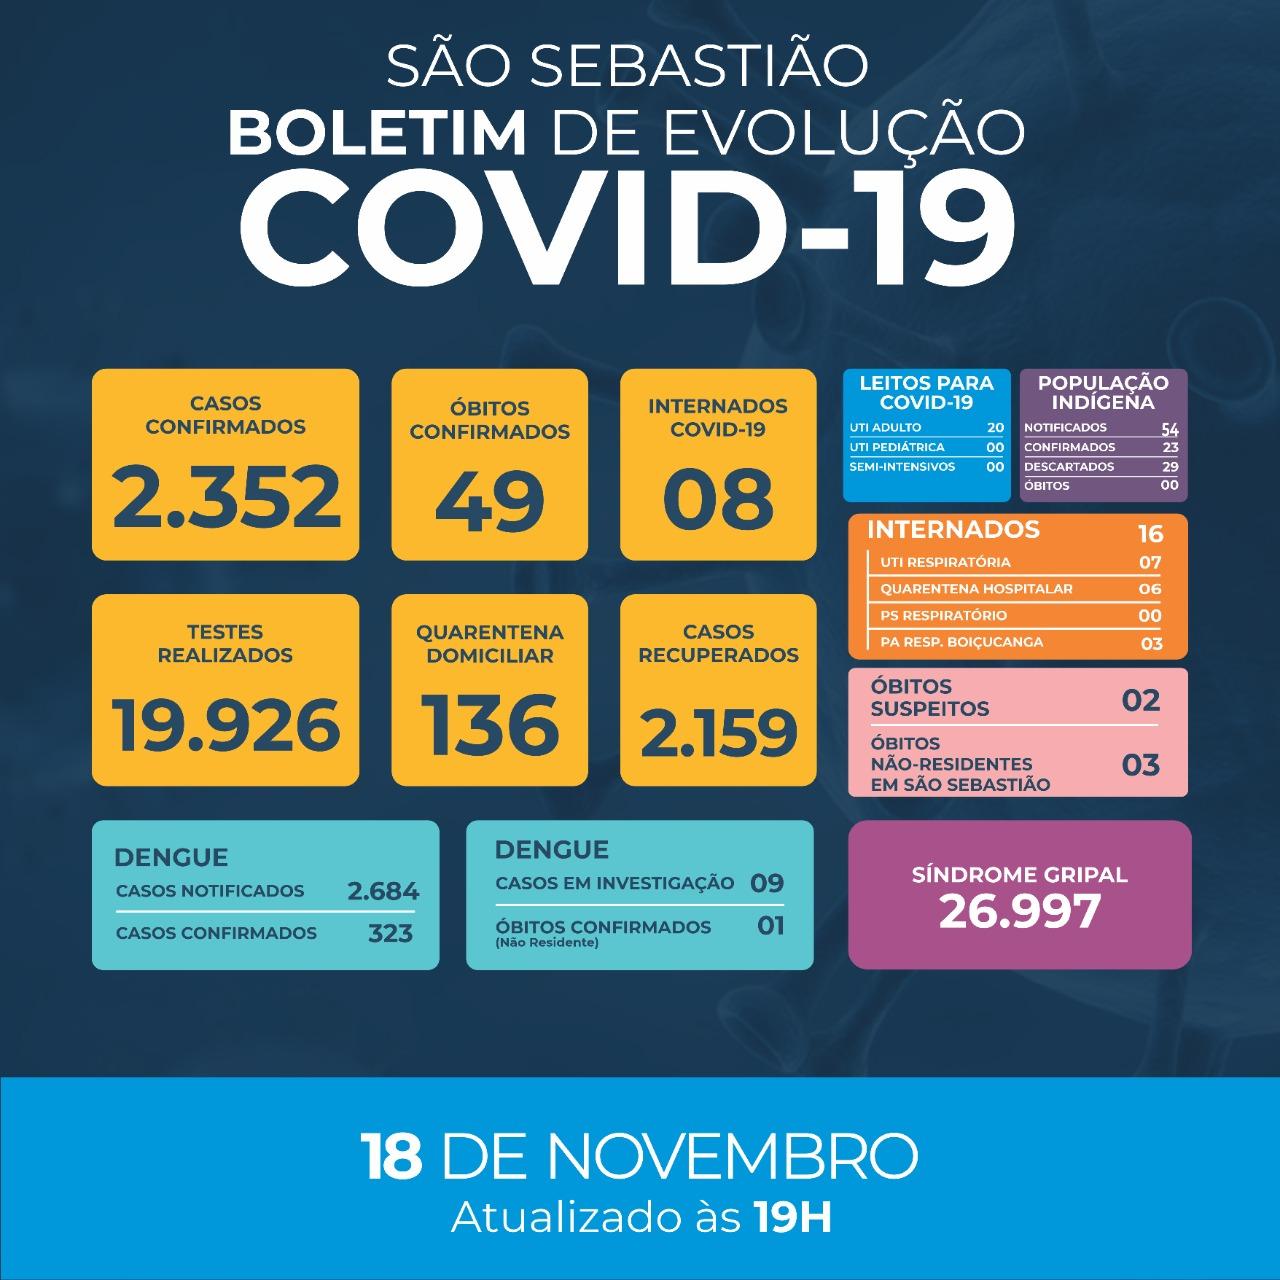 Prefeitura de São Sebastião – COVID-19 Boletim Epidemiológico #248